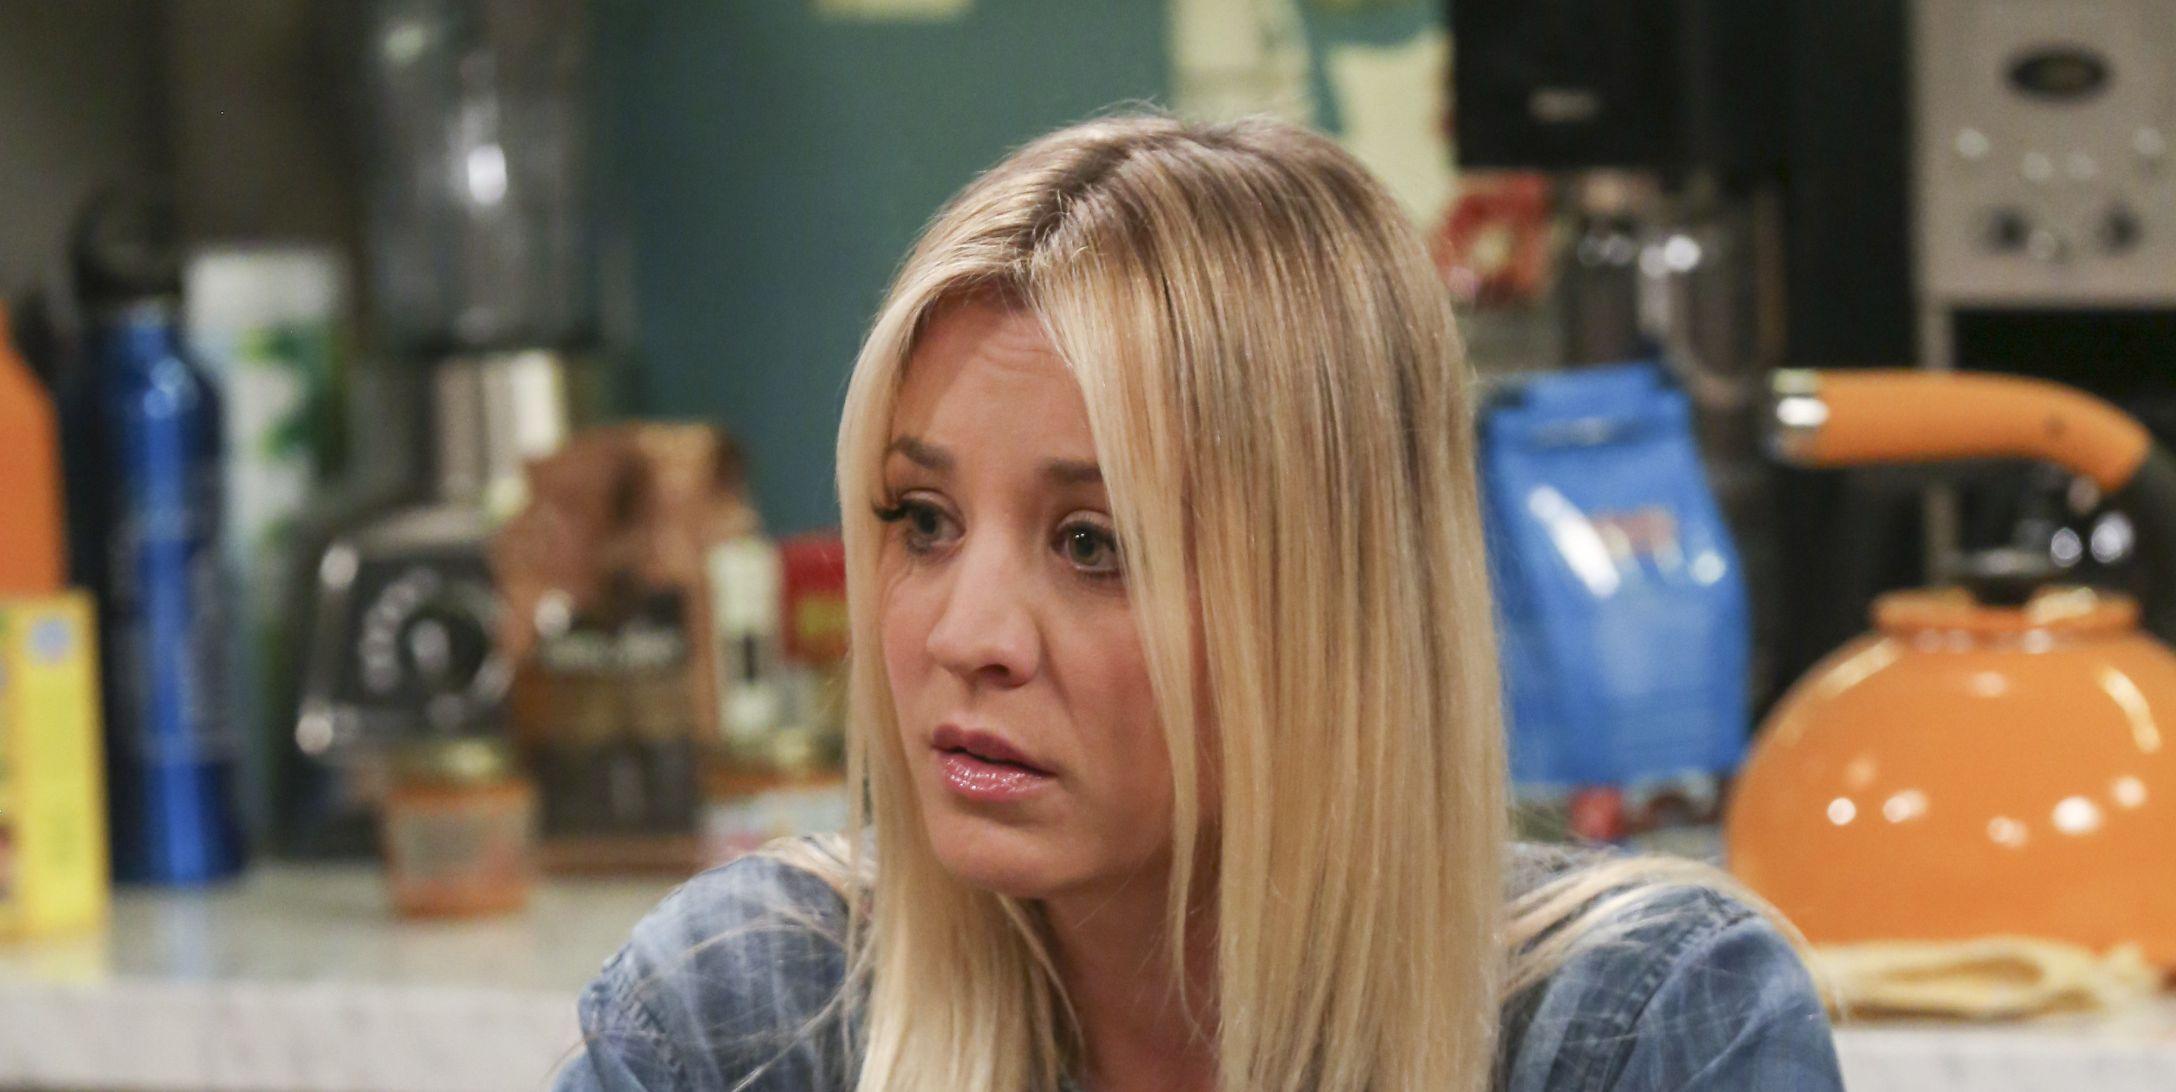 Kaley Cuoco in The Big Bang Theory season 11